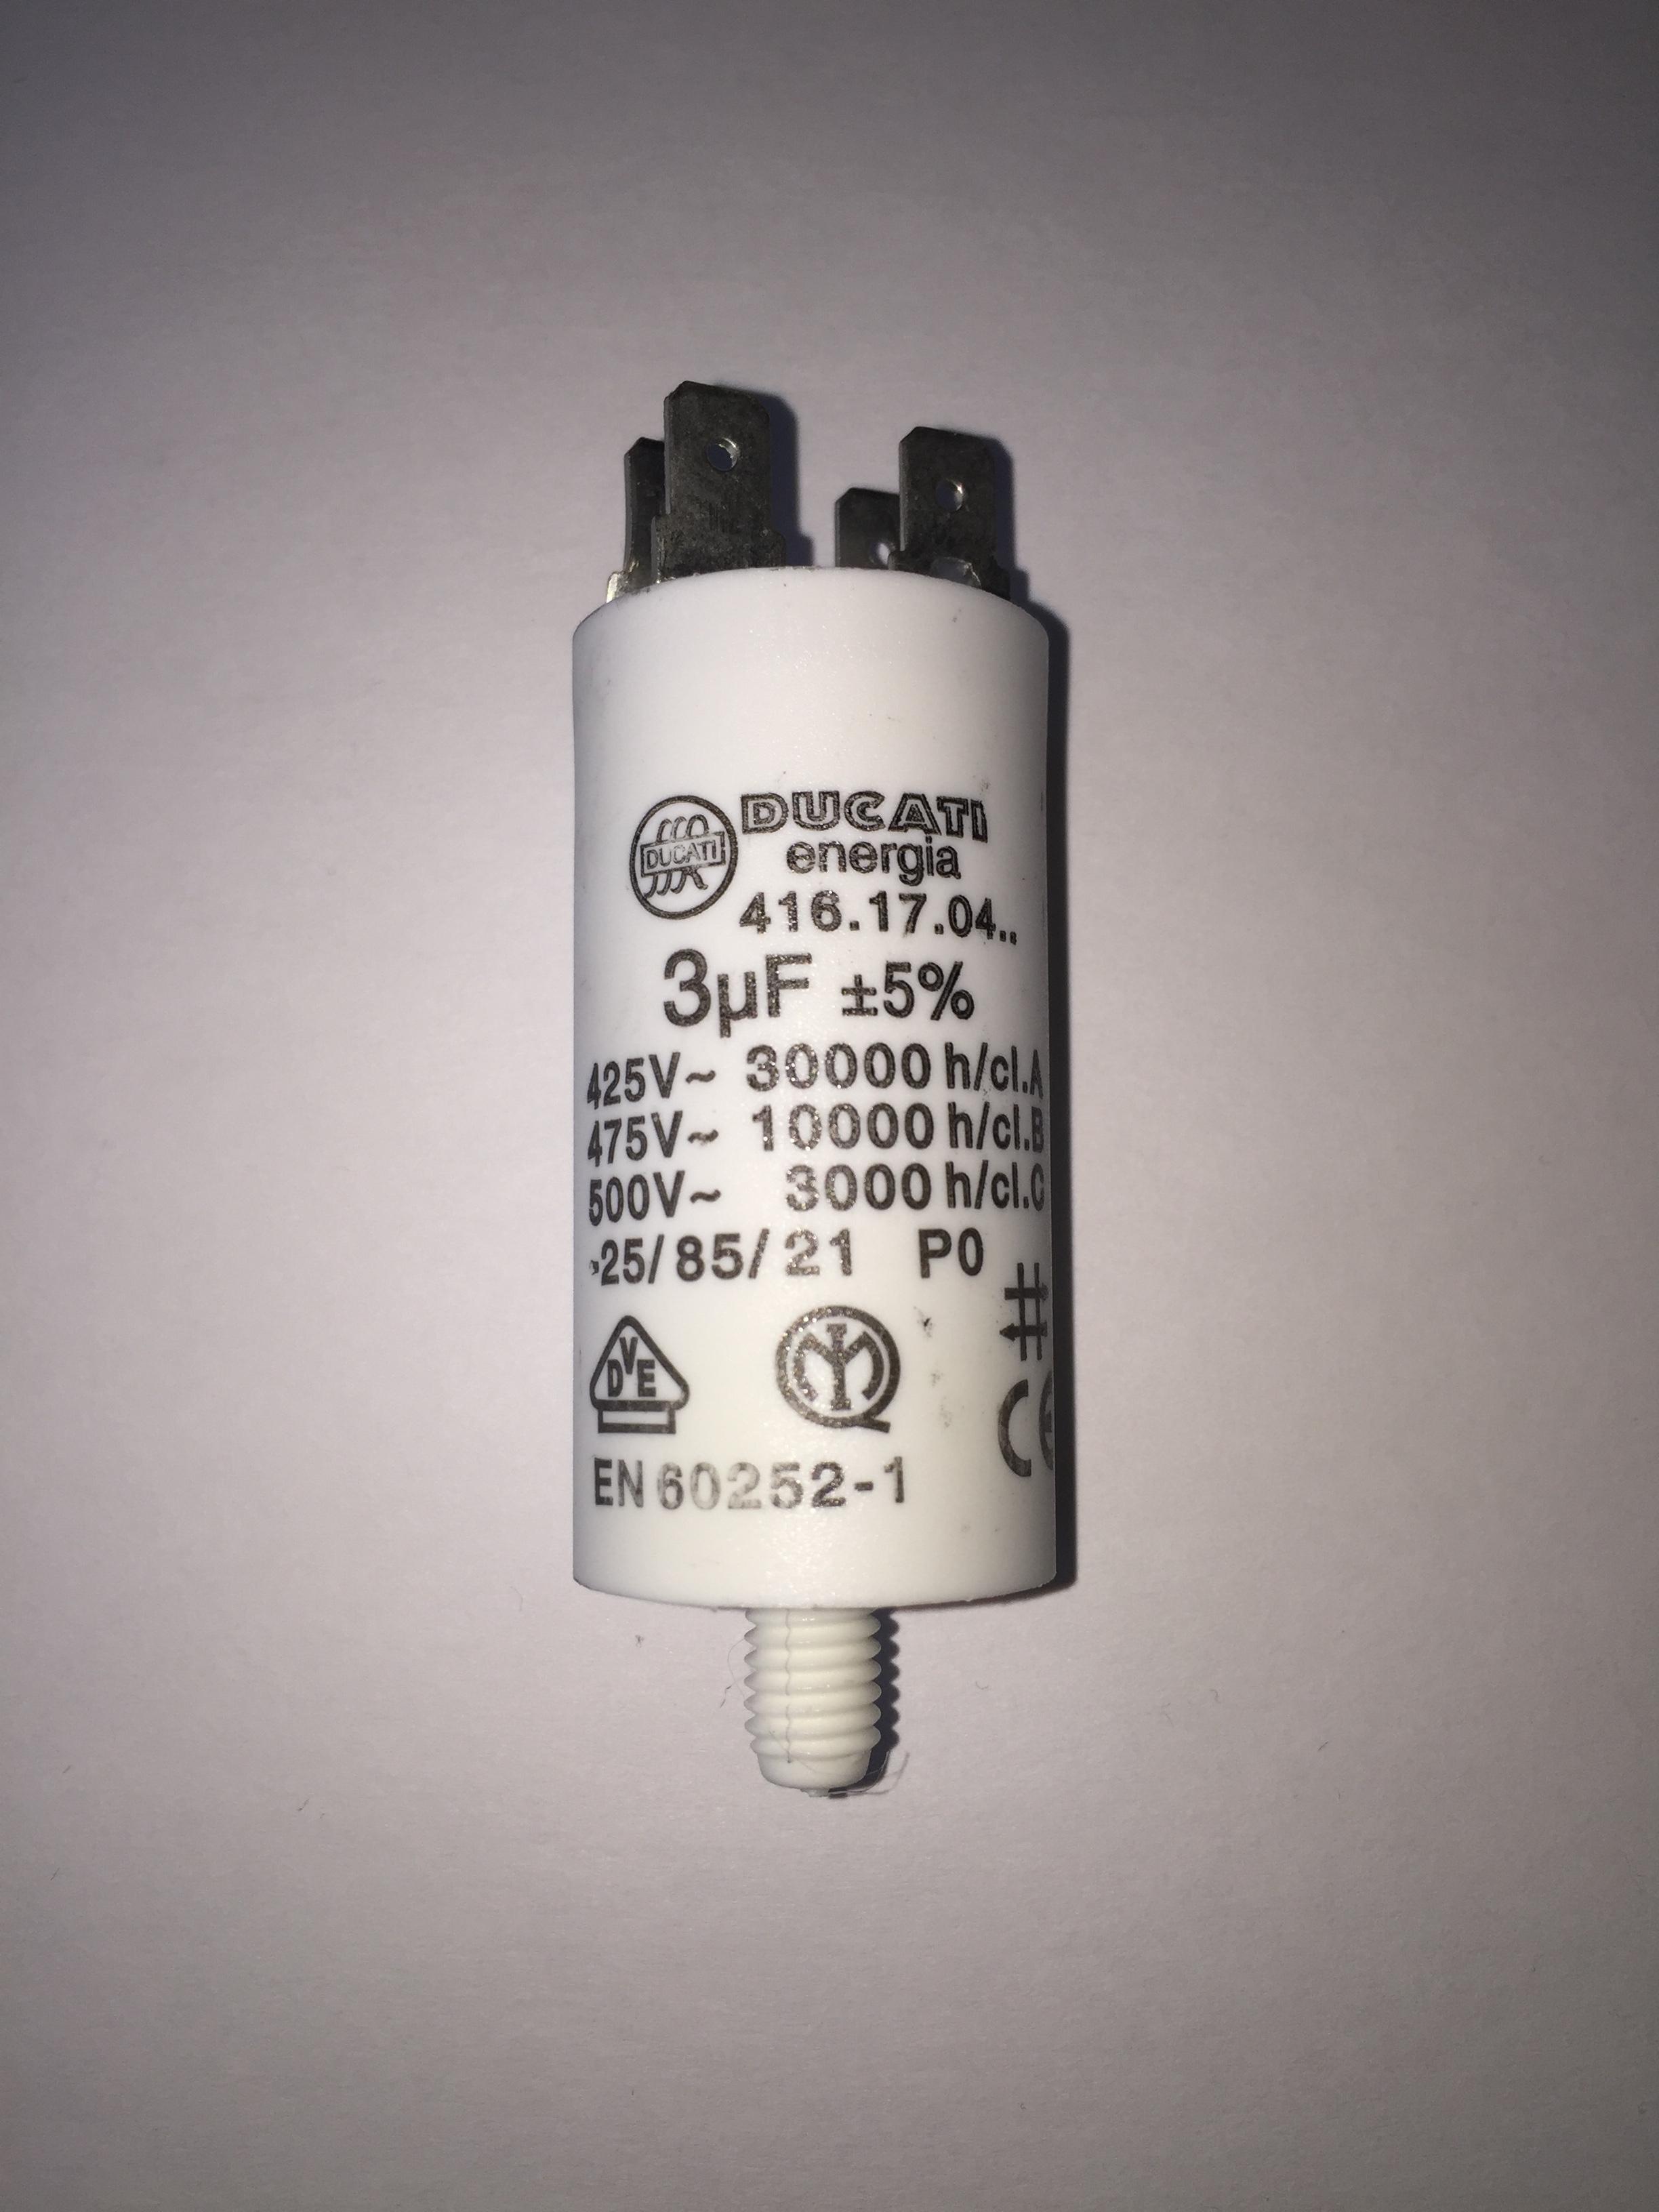 Motor run capacitors buy motor run capacitors for Ducati energia motor run capacitor